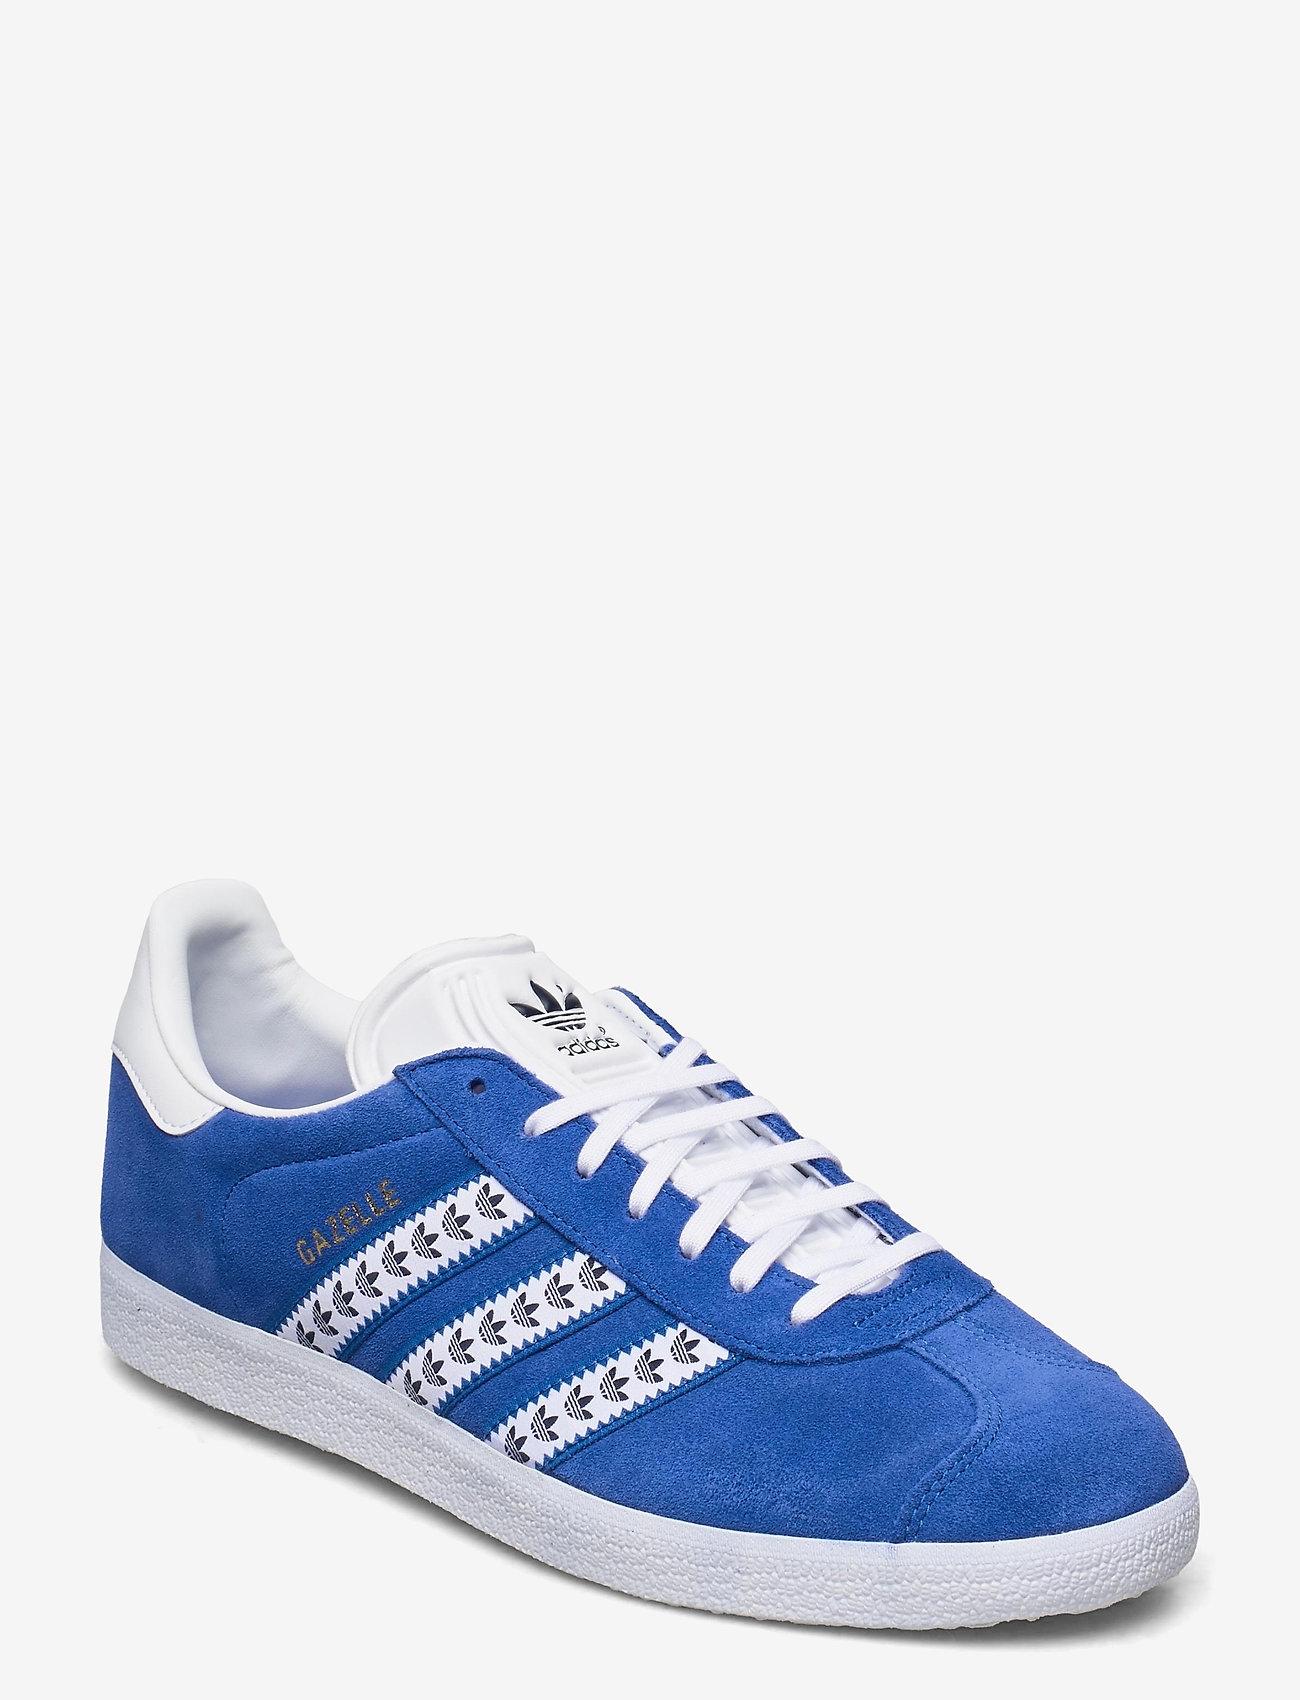 adidas Originals - GAZELLE - lav ankel - blue/ftwwht/goldmt - 0